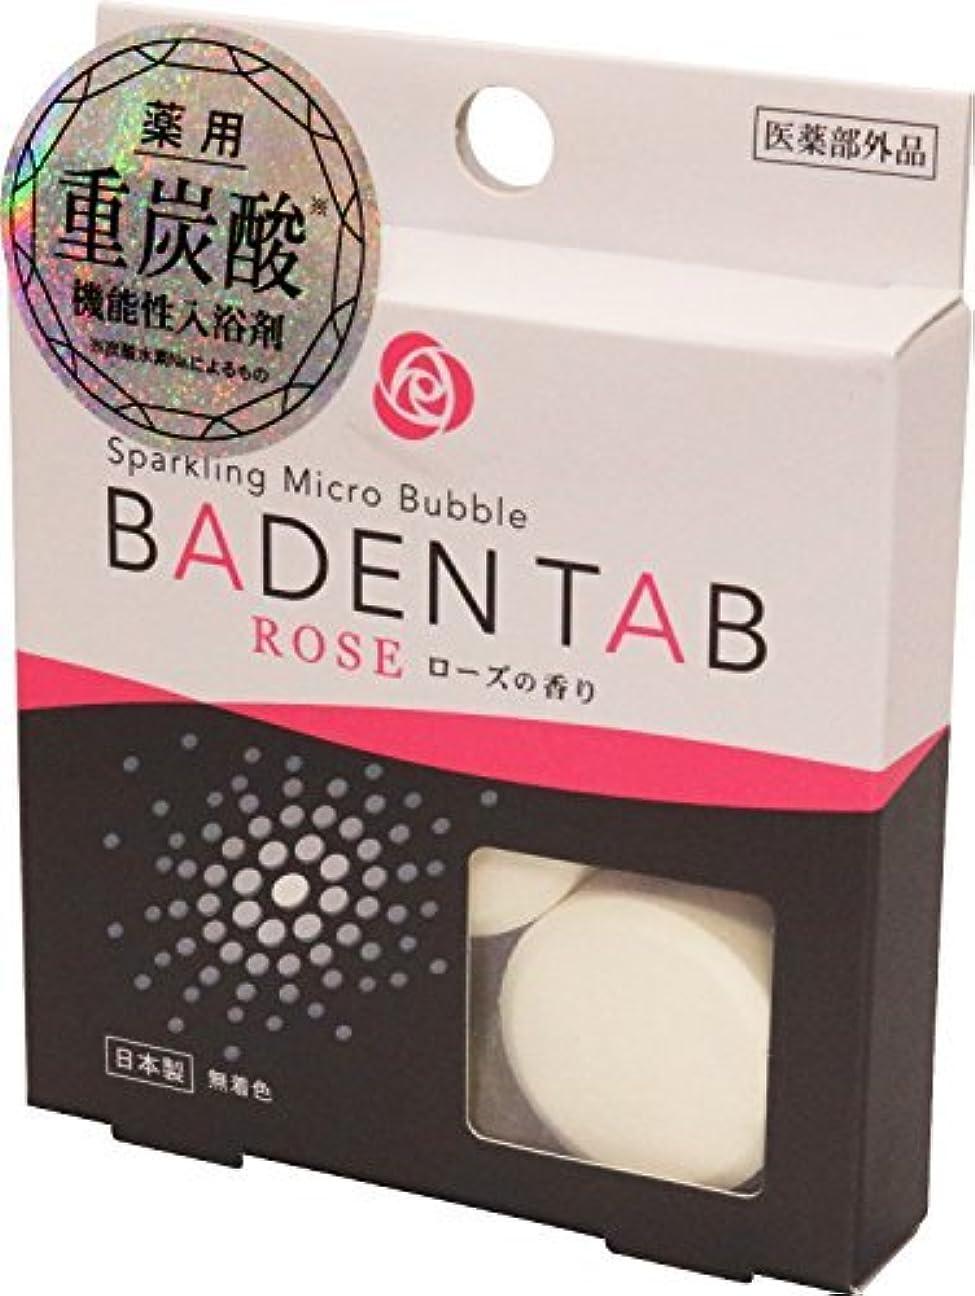 ロケット池しないでください日本製 made in japan 薬用BadenTabローズの香り5錠1パック15gx5錠入 BT-8754 【まとめ買い12個セット】